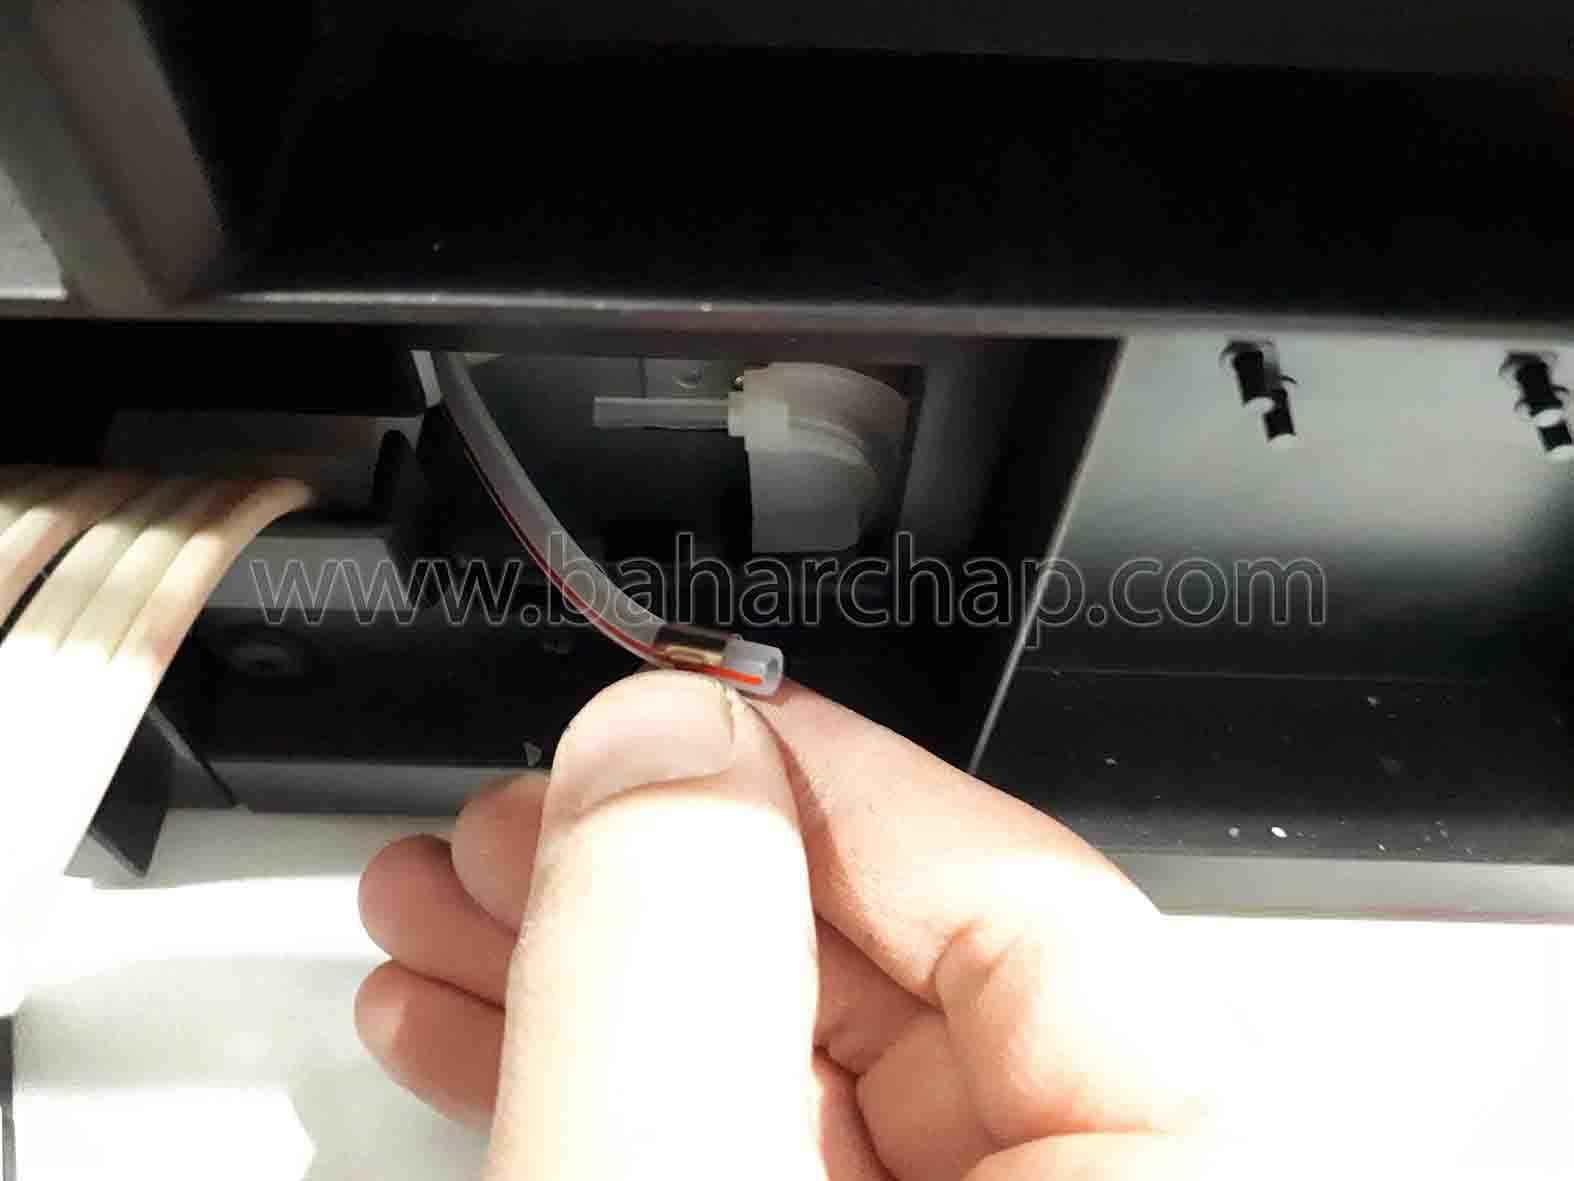 جدا کردن شیلنگ ضایعات جوهر از مخزن ضایعات جوهر اپسون ال 1800